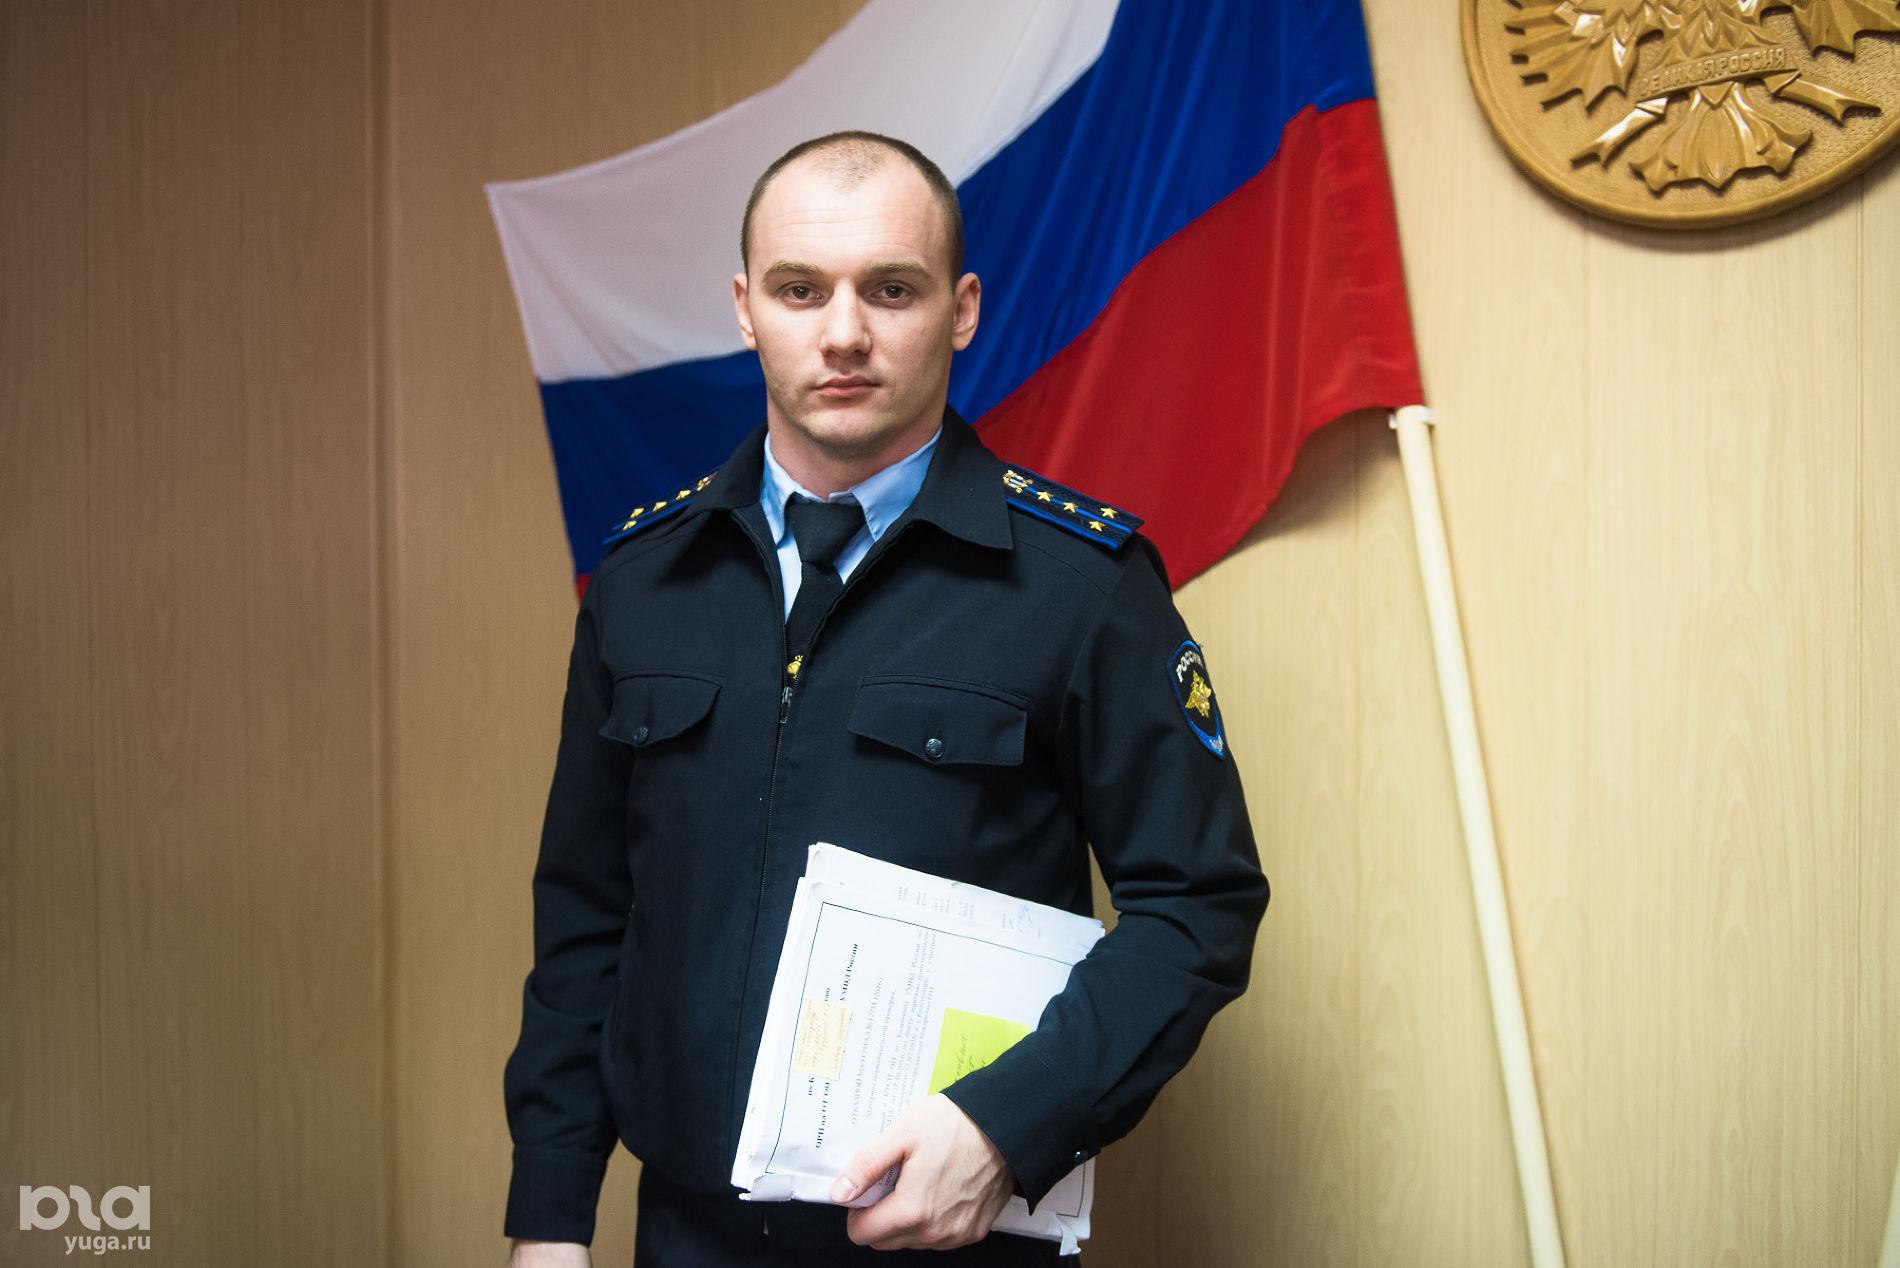 Вартан Михайлов ©Фото Елены Синеок, Юга.ру